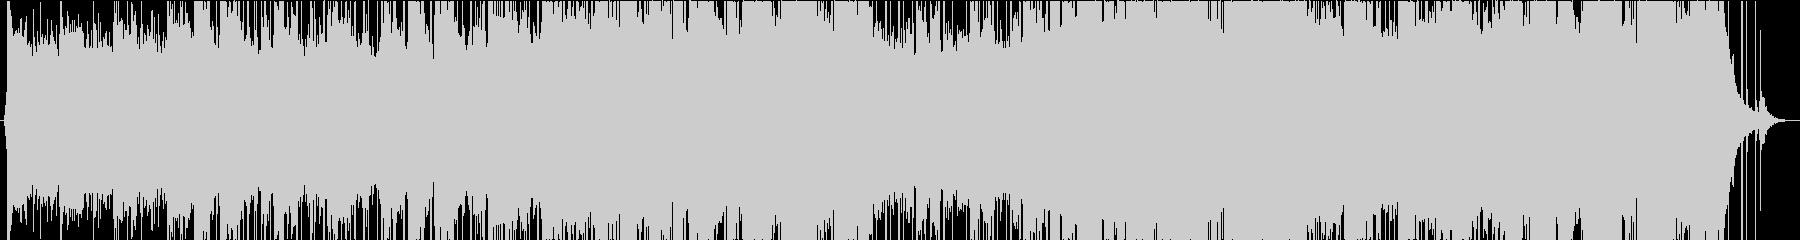 伝統的なロック楽器と電子音の現代的...の未再生の波形